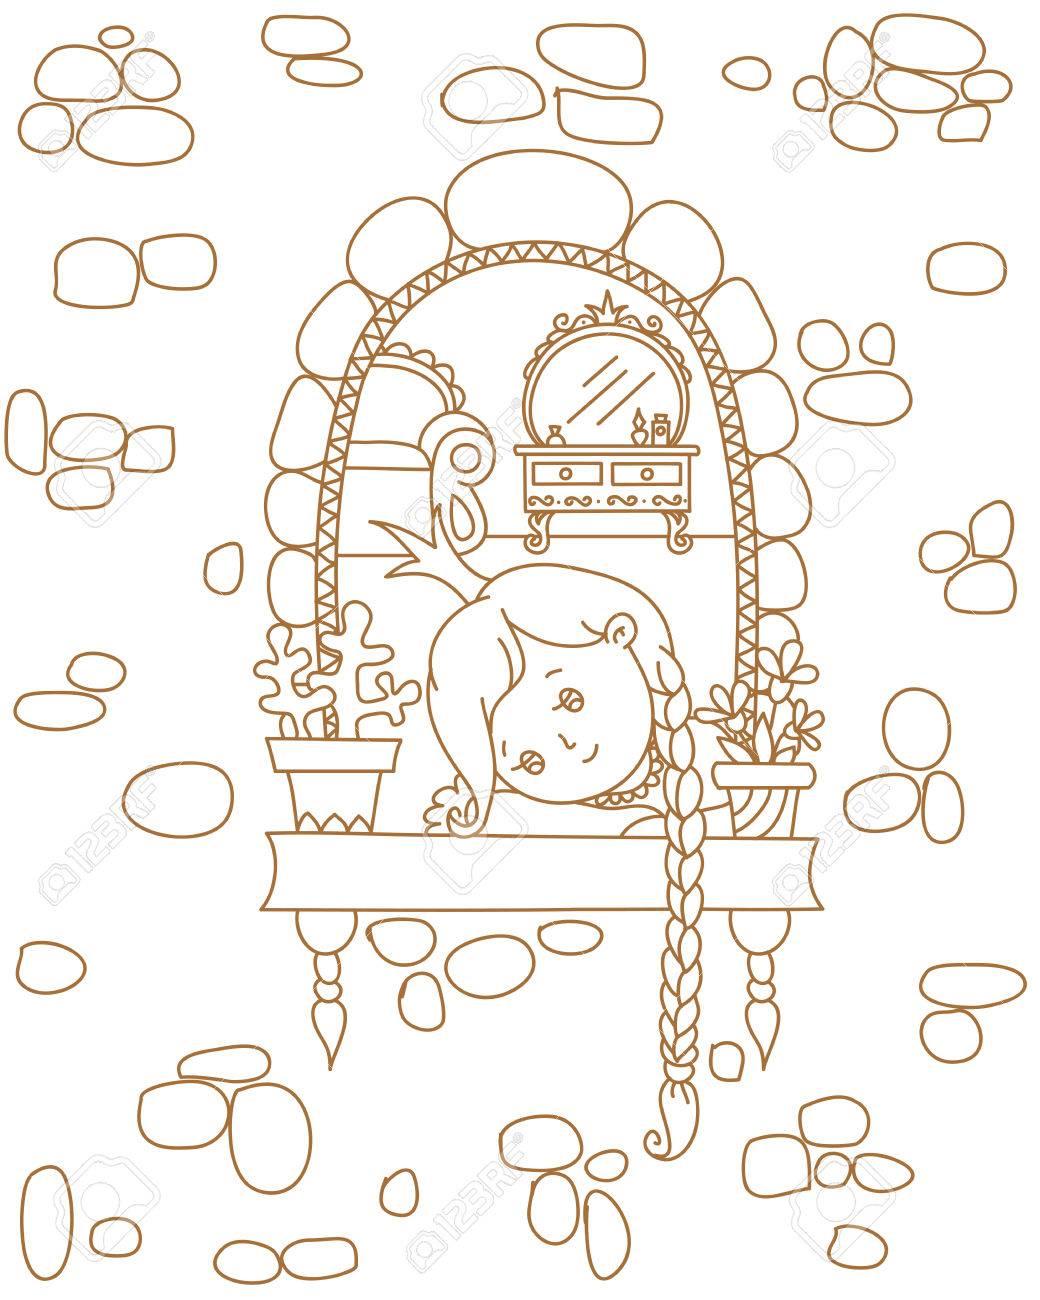 La Mano De Cuento De Hadas Dibujado La Ilustración Princesa Triste En Una Ventana Lineal Sin Color Ilustración Vectorial Plantilla De Página Para